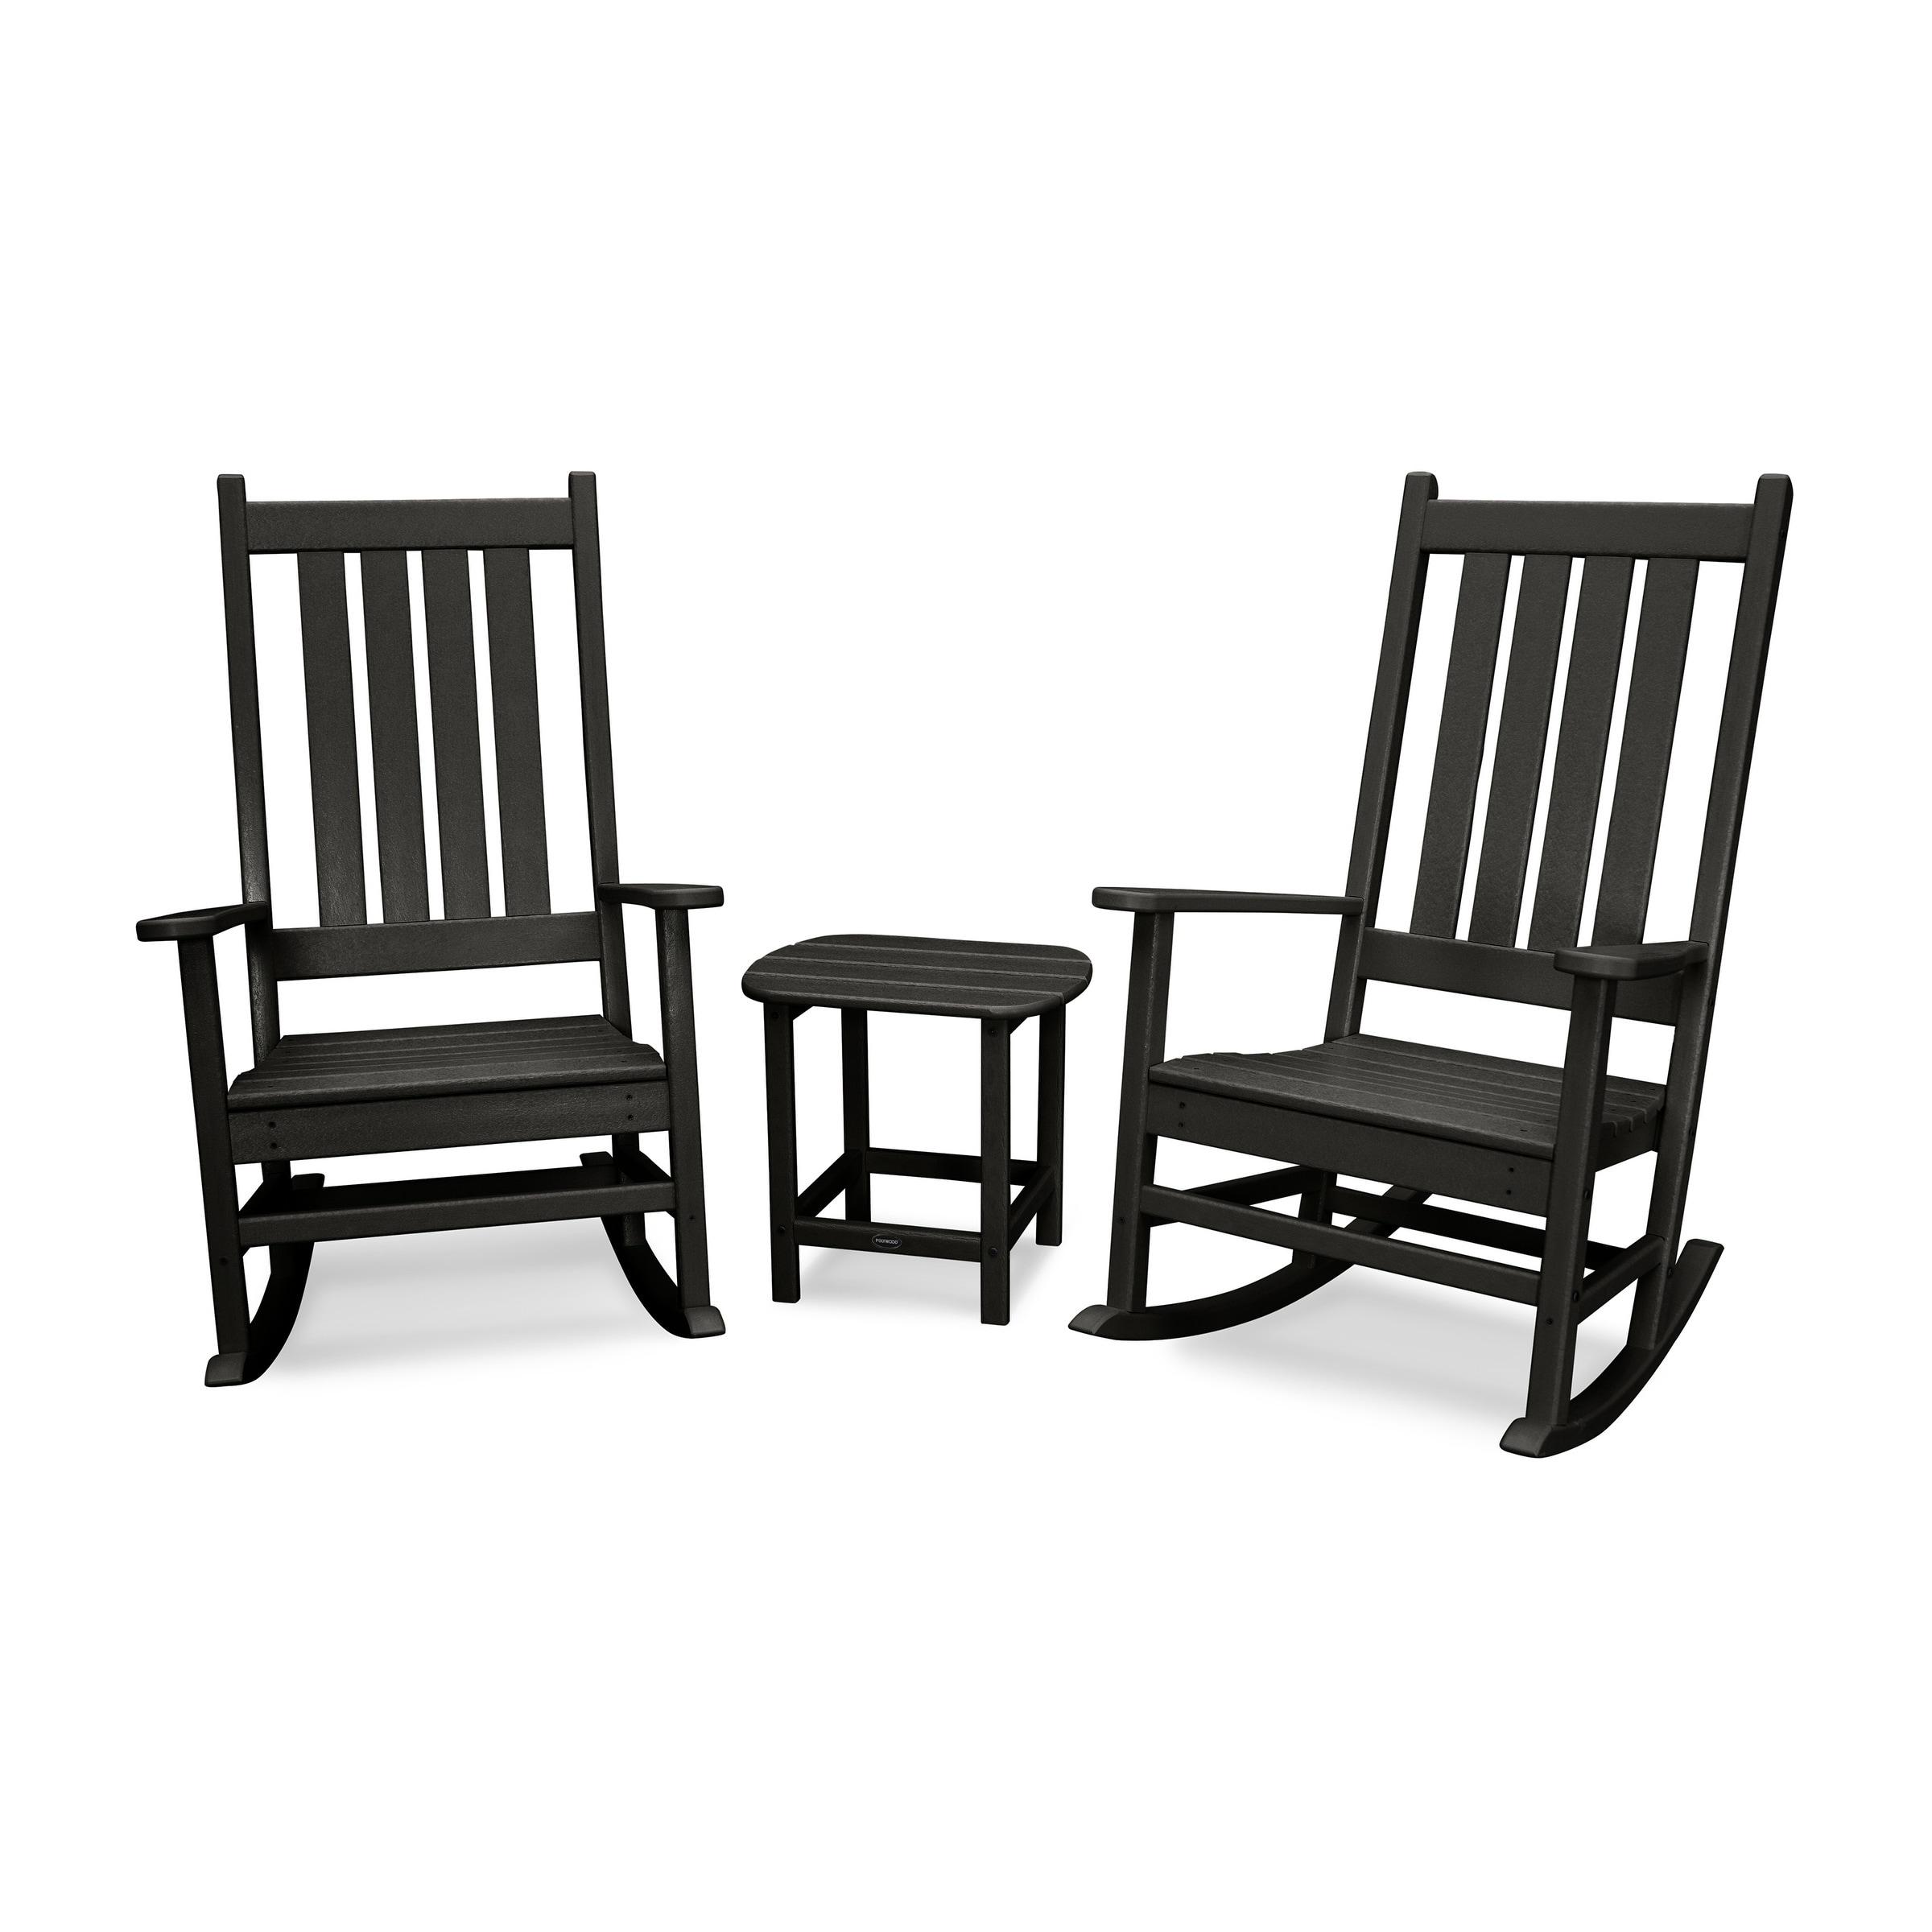 Vineyard 3 Piece Outdoor Rocking Chair